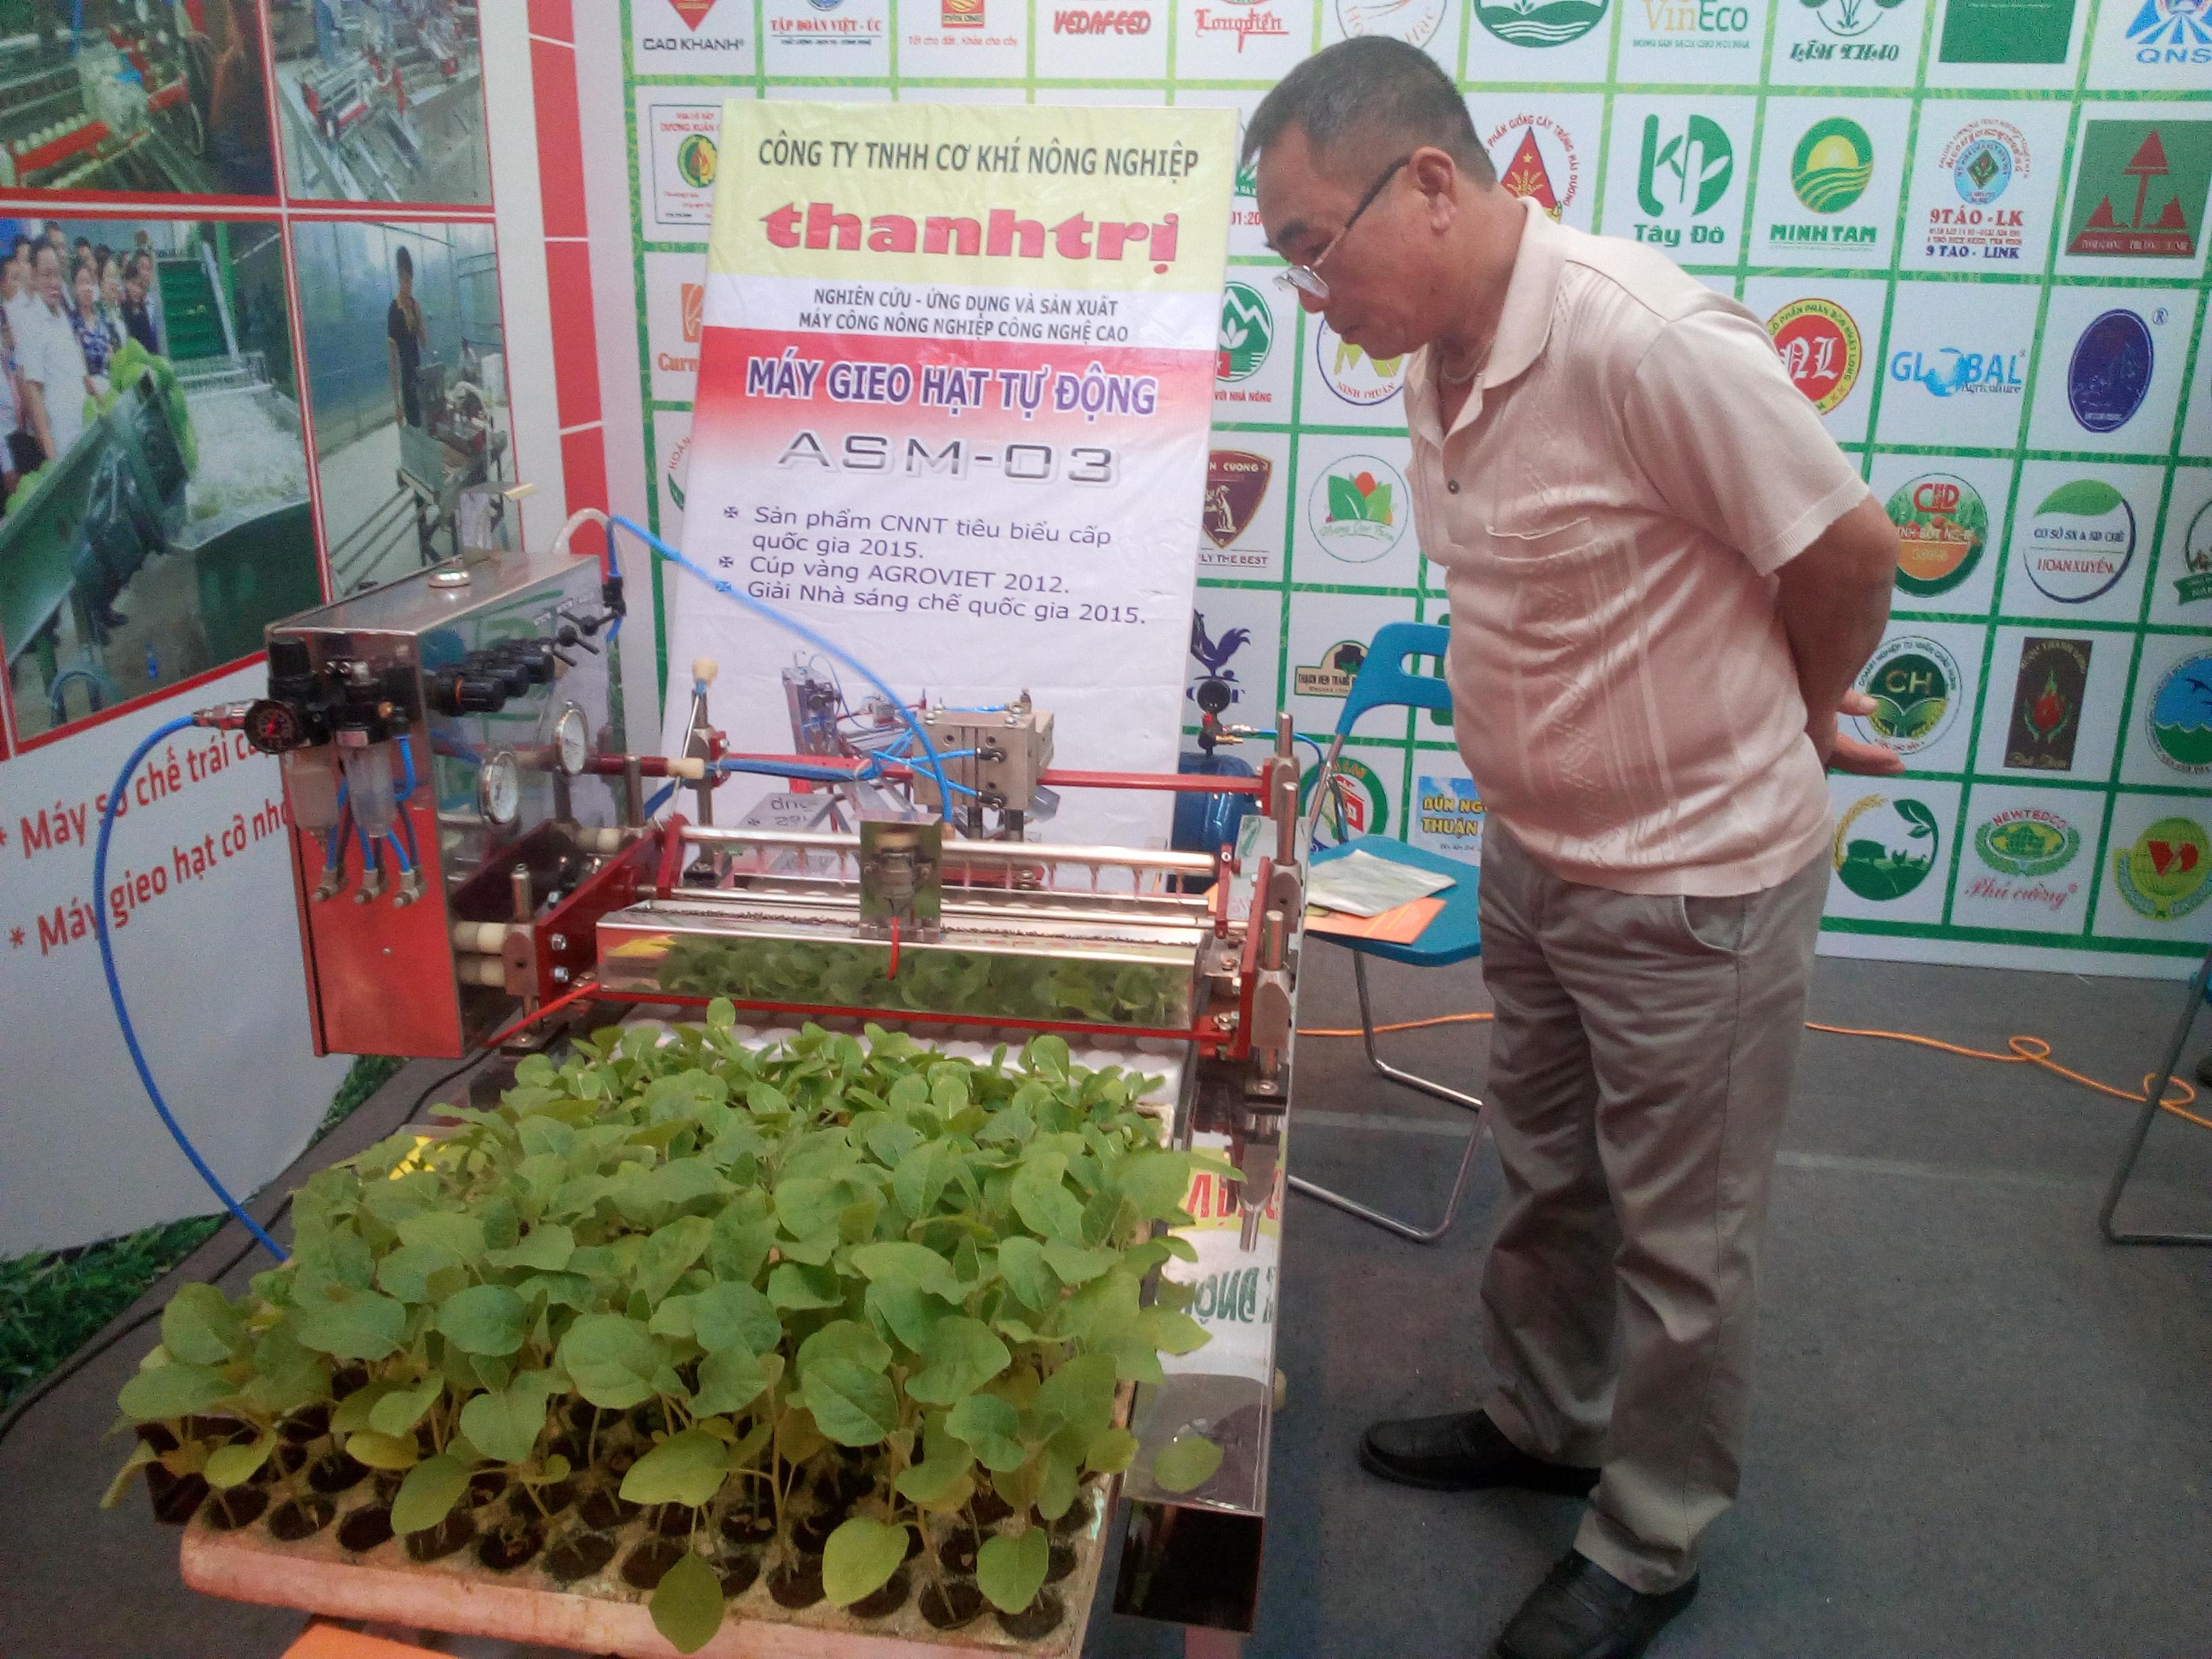 Máy gieo hạt tự động thế hệ mới ASM 03 tại Triển lãm quốc gia về thành tựu 10 năm thực hiện Trung ương 7 khóa X về nông nghiệp, nông dân, nông thôn tháng 11/2018. Hiện giá bán trên thị trường của thiết bị này là 45 triệu đồng/máy, chỉ bằng 1/2-1/3 so với thiết bị nhập ngoại của Trung Quốc hay Thái Lan. Ảnh: Đoàn Dung